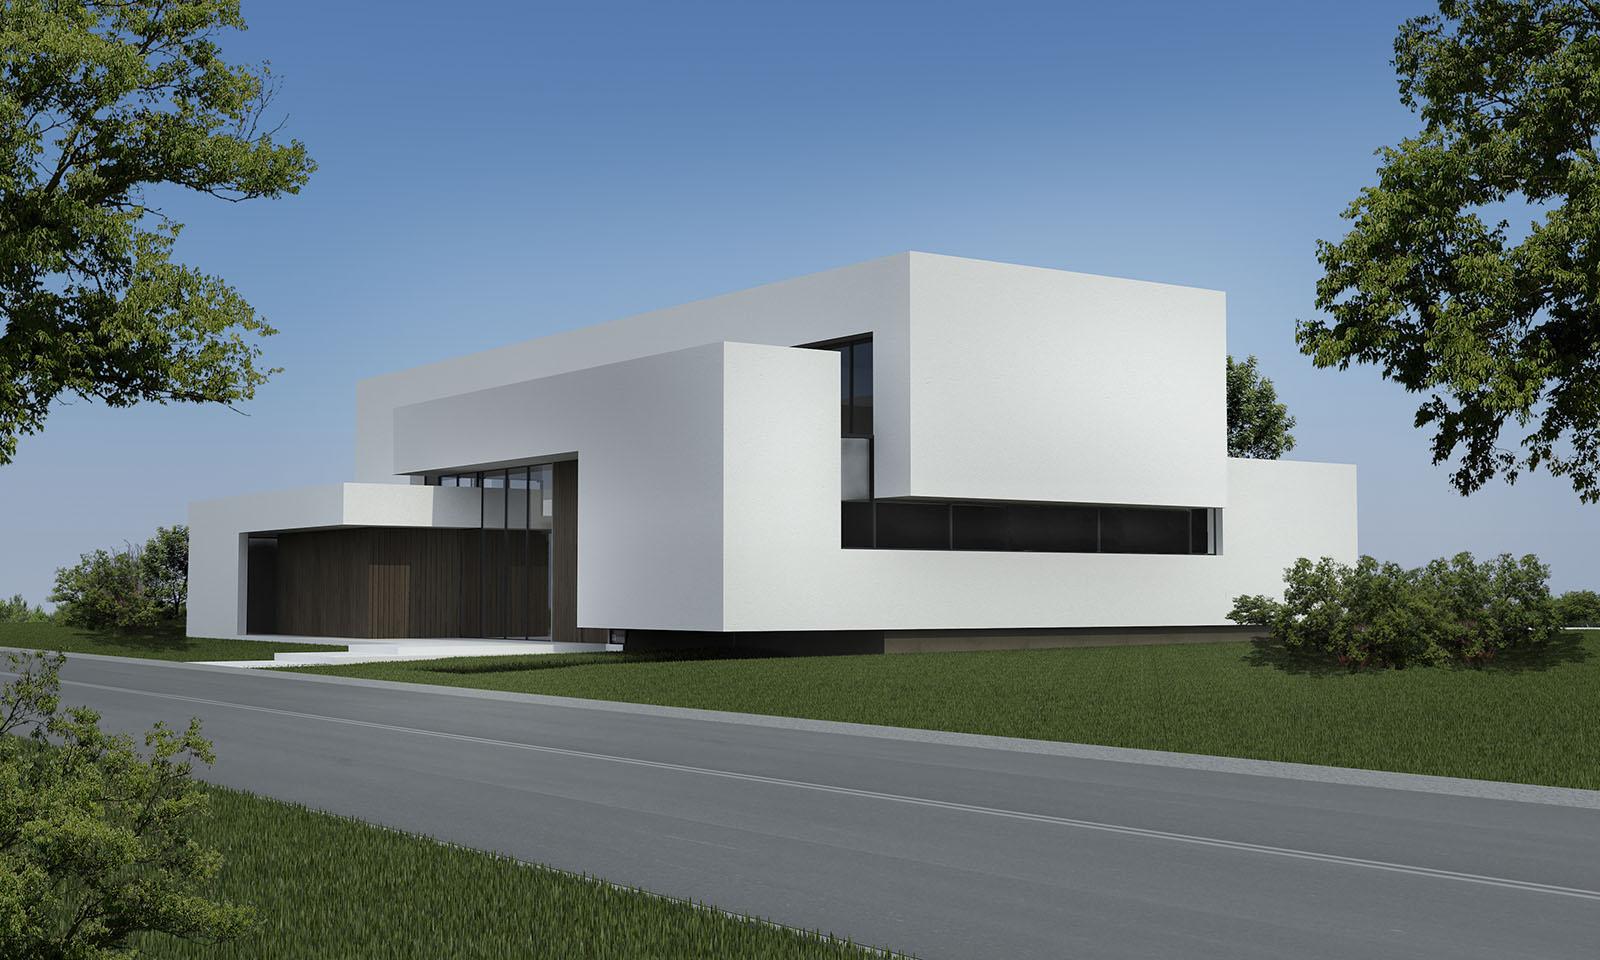 fachadas minimalistas, volúmenes de hormigón, arquitectura moderna